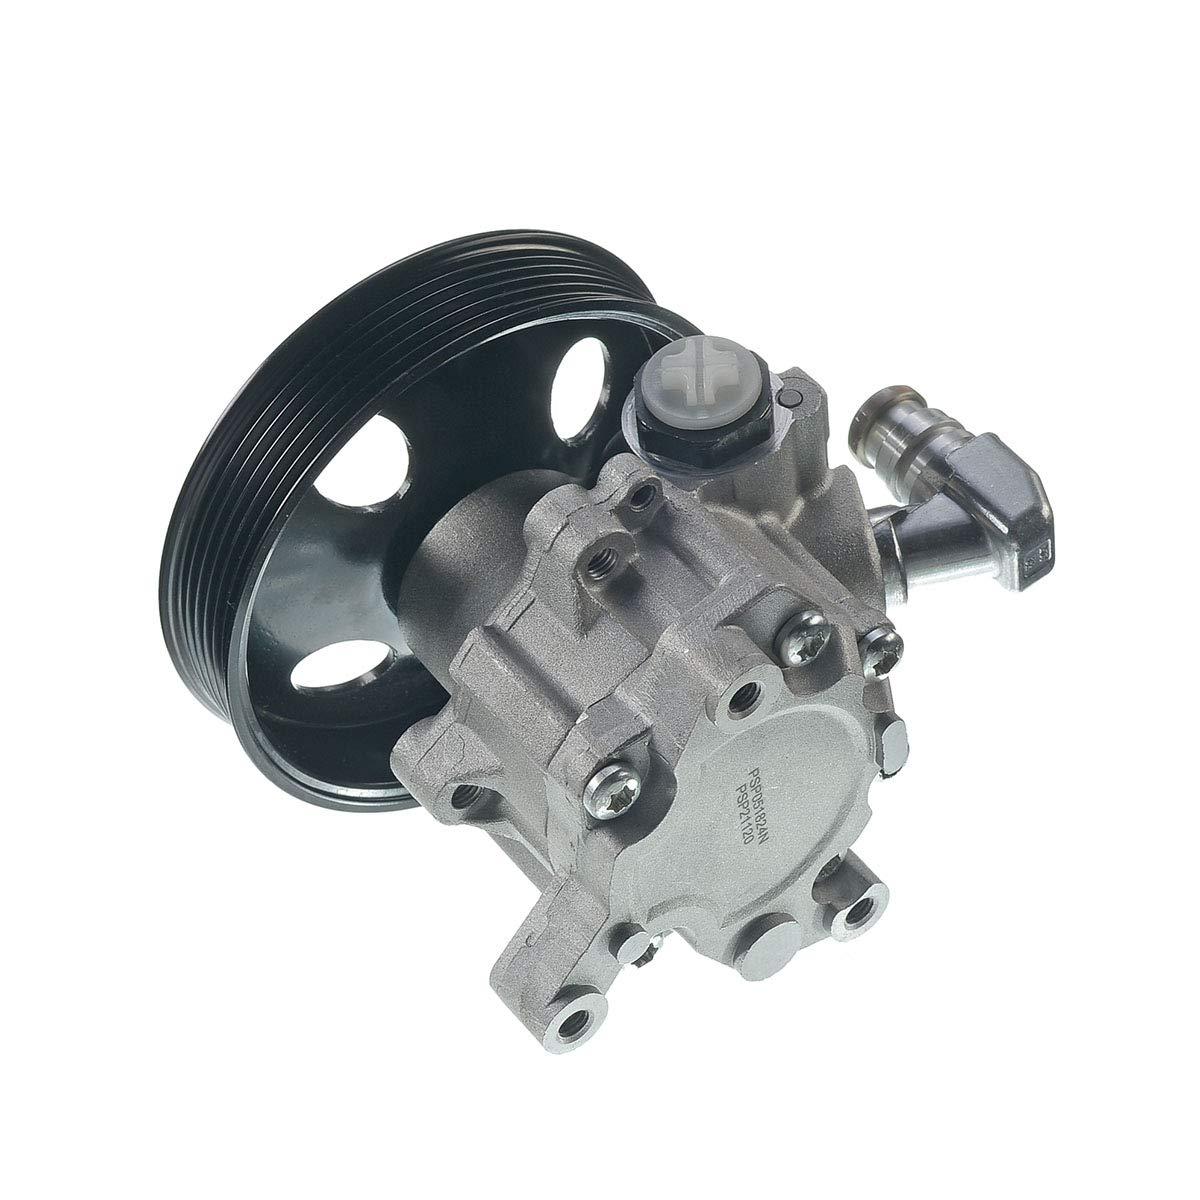 Servopumpe hydraulisch f/ür GL 450 4matic R300 R280 R350 X164 W251 V251 2005-2019 0054662001